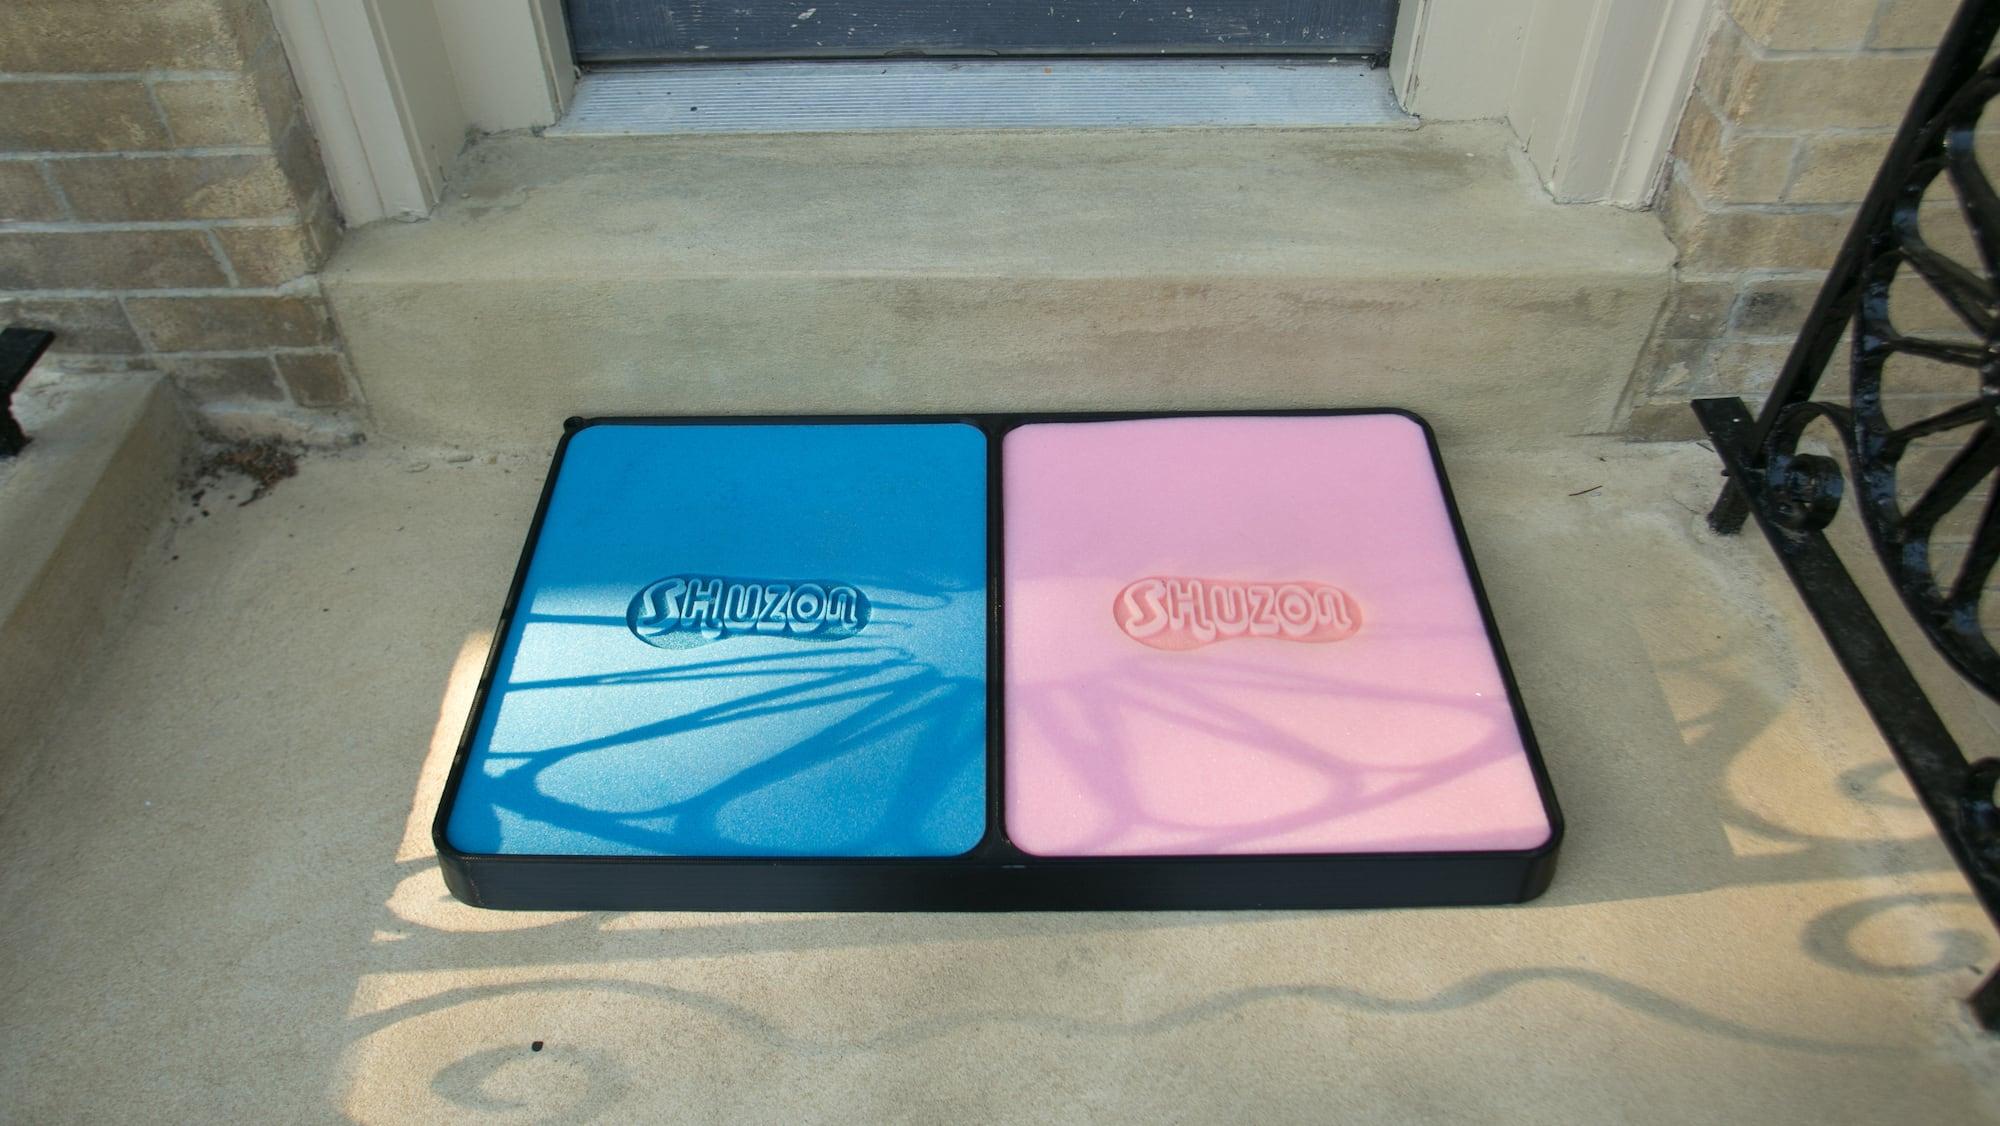 Shuzon Sanitizing Doormat